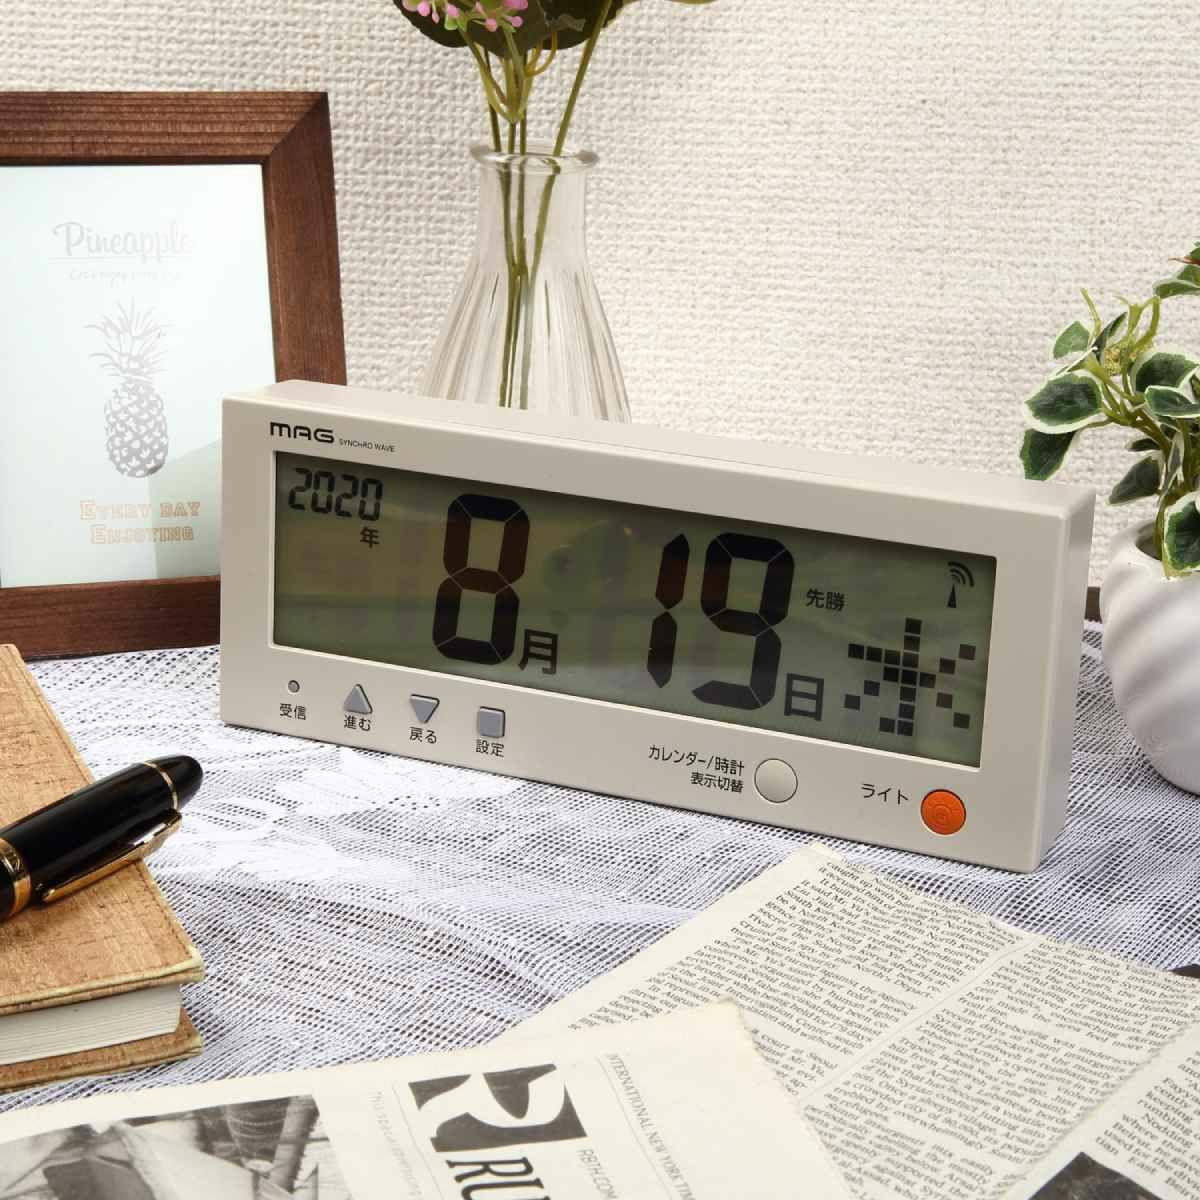 ≪メーカー直販≫ MAG(マグ)  W-762 BE-Z 横幅22.5cm デジタルカレンダー 電波時計 置時計 こよみん ベージュ 1個 ライト 目覚まし時計 置掛兼用 日付 曜日 わからない 認知症 もの忘れ 自宅 介護 ケア 便利 簡単 グッズ 老化 加齢 シニア 高齢者 日めくり